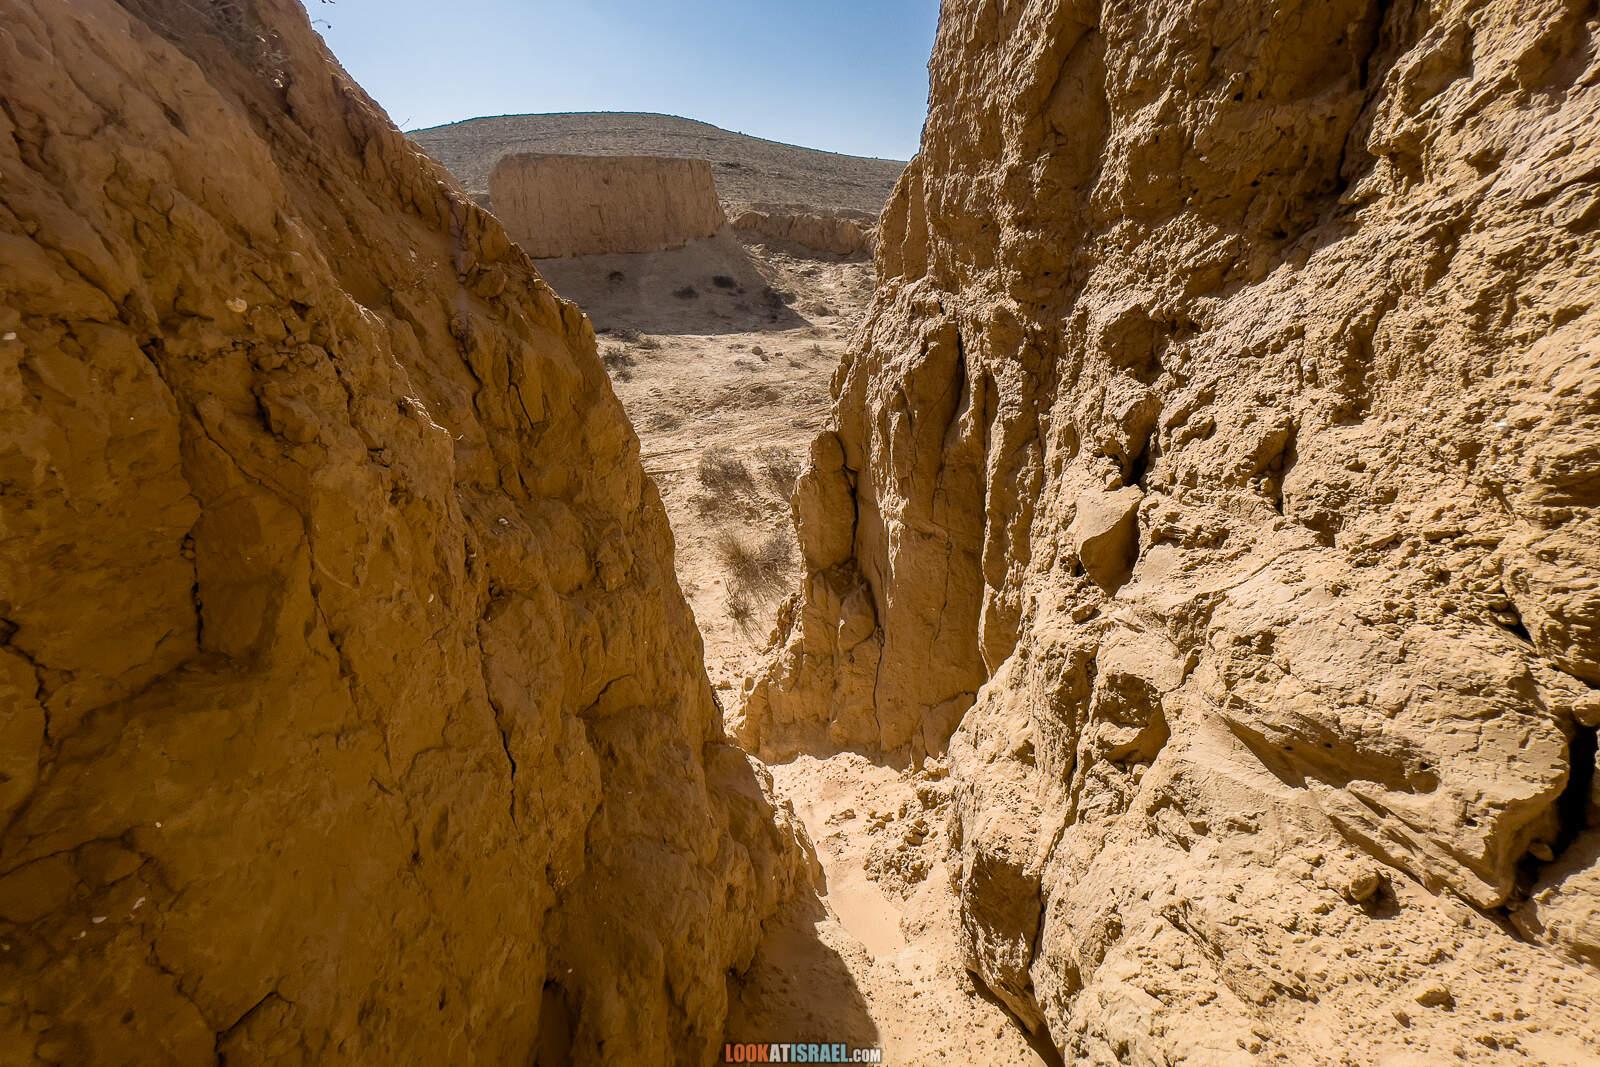 Большая дюна в нахаль лаван, каньон а-лес (лёсс) и пески Халуца, Агур | דיונה גדולה קניון הלס חולות חלוצה שונרה עגור